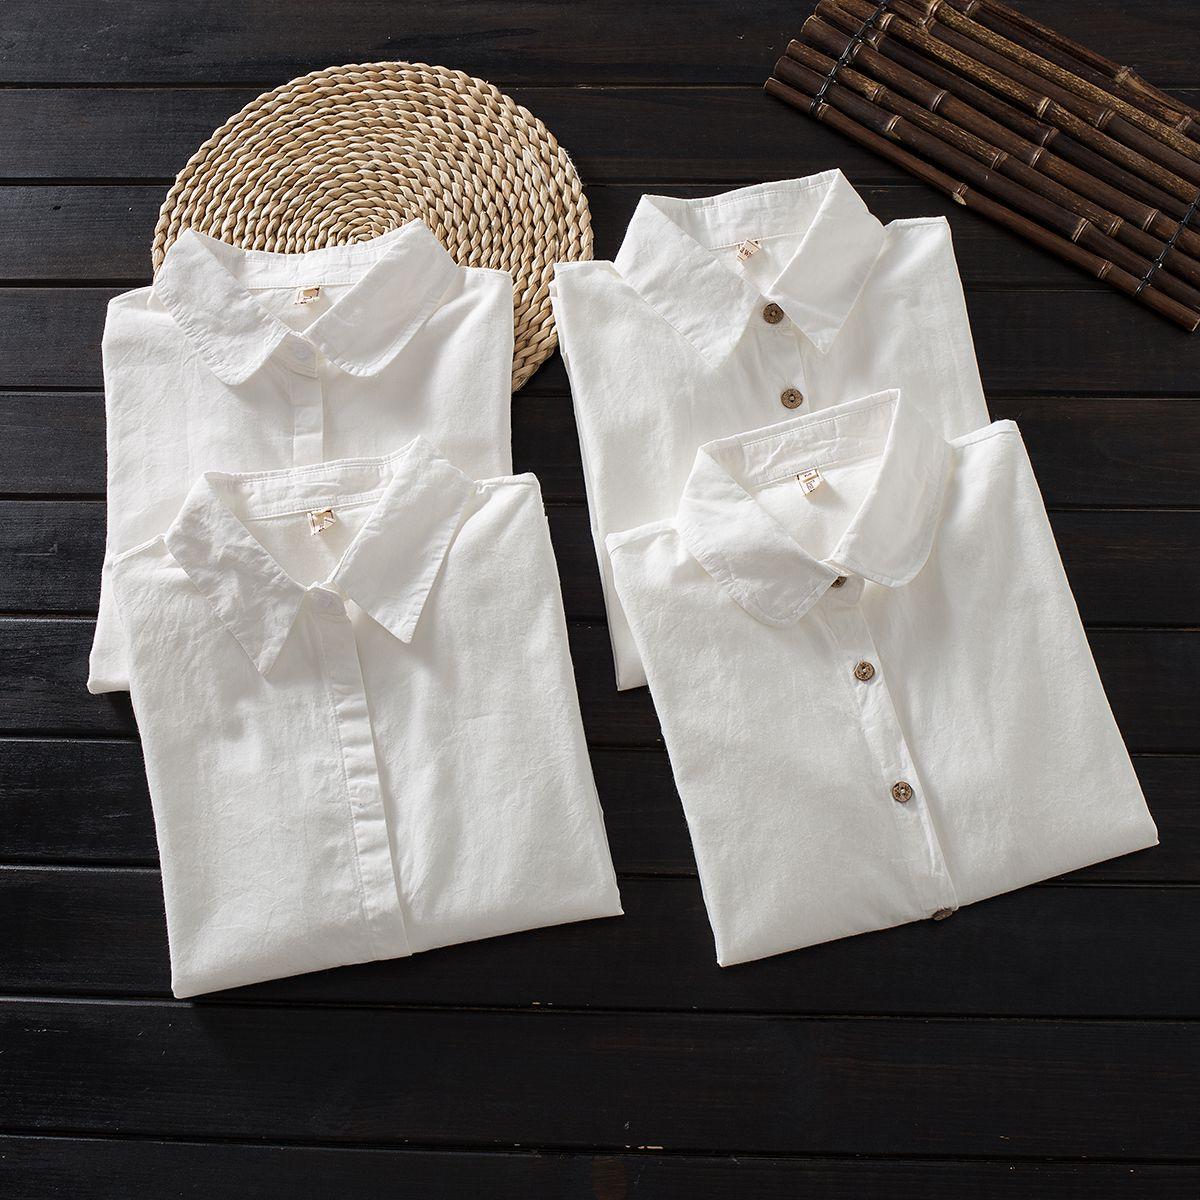 小清新基础款宽松纯棉白衬衫打底衫